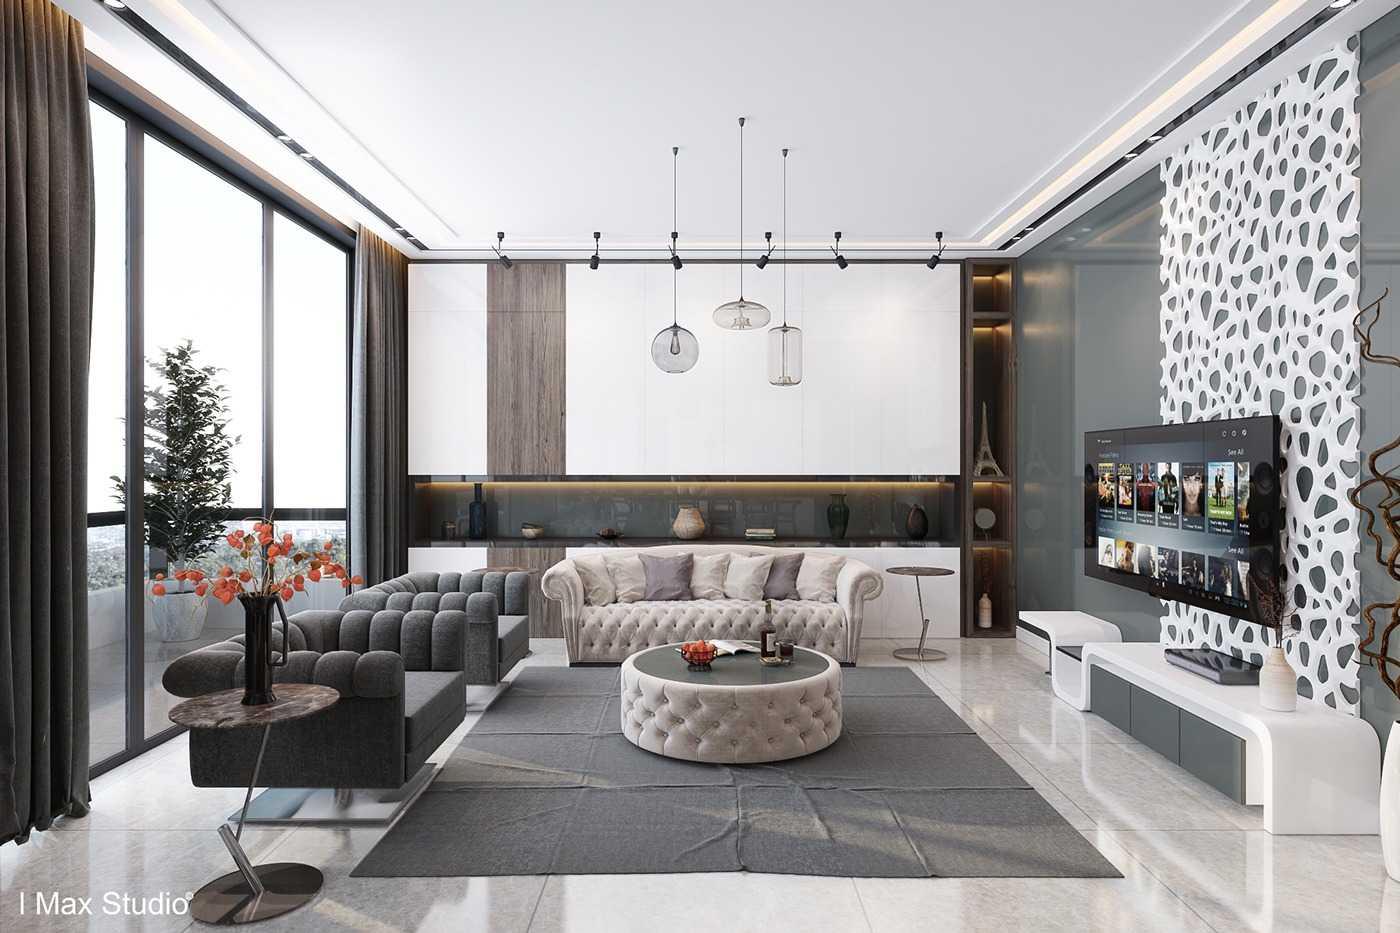 Inspirasi Desain Interior Ruang Tamu Keren Untuk Apartemen Baru Anda